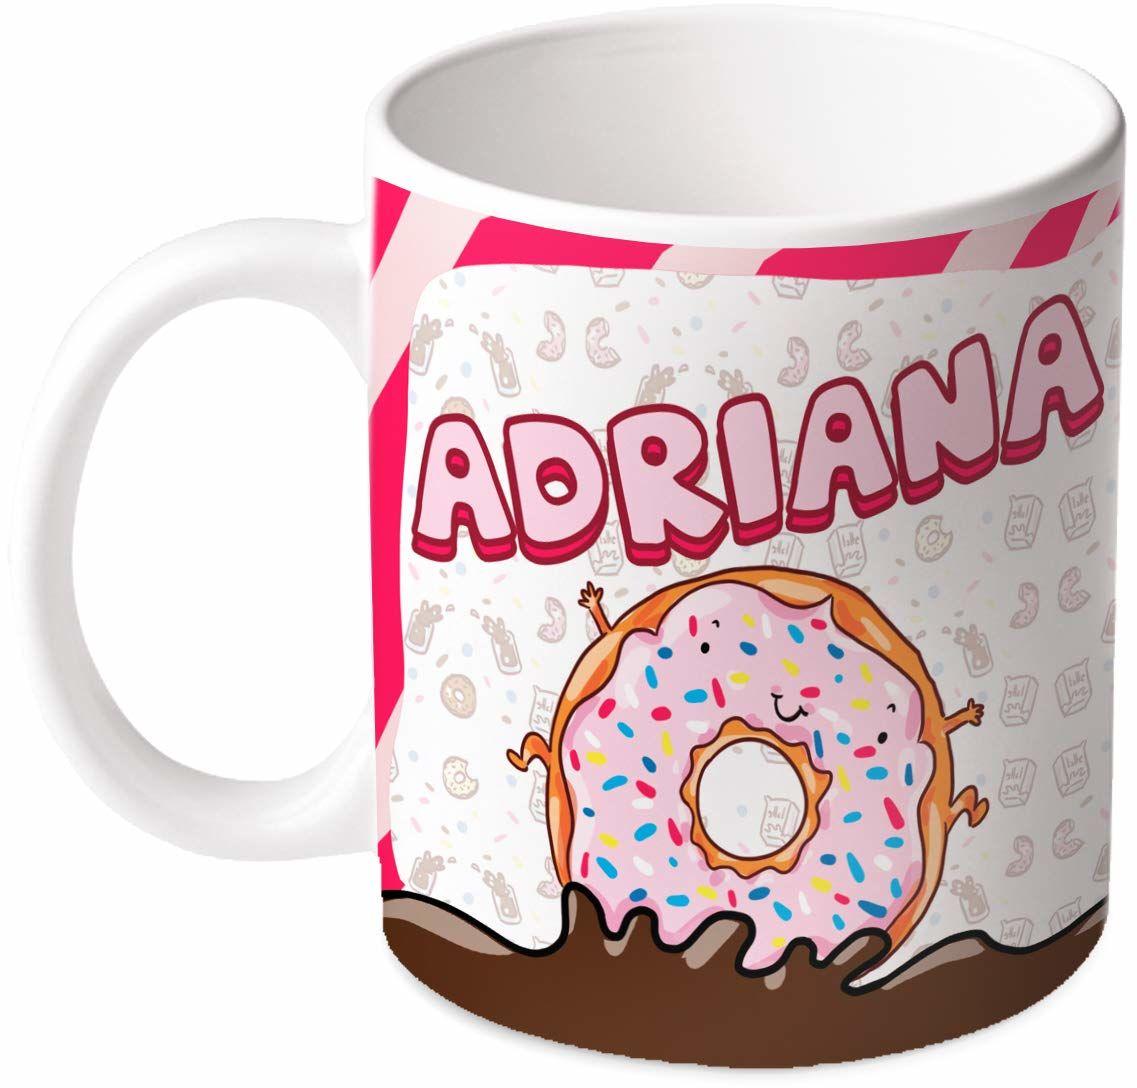 M.M. Group Filiżanka z imieniem i znaczeniem Adriana, 30 ml, ceramika, wielokolorowa